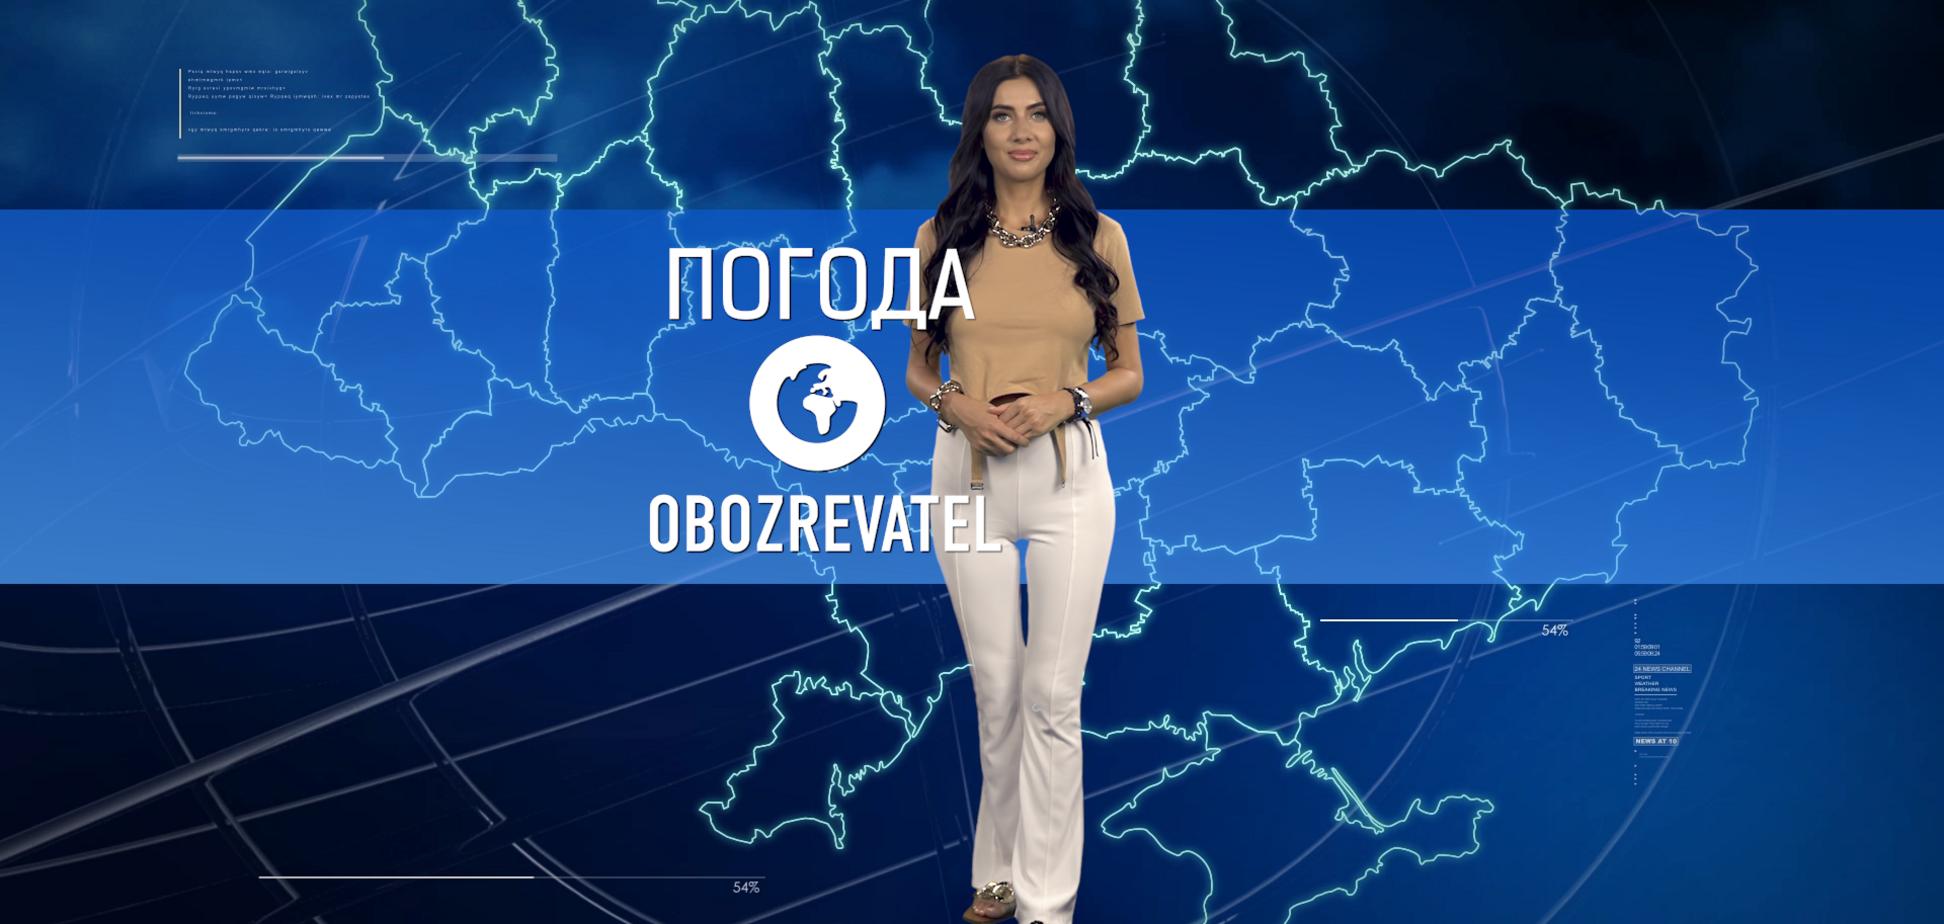 Прогноз погоди в Україні на середу 9 червня з Алісою Мярковською